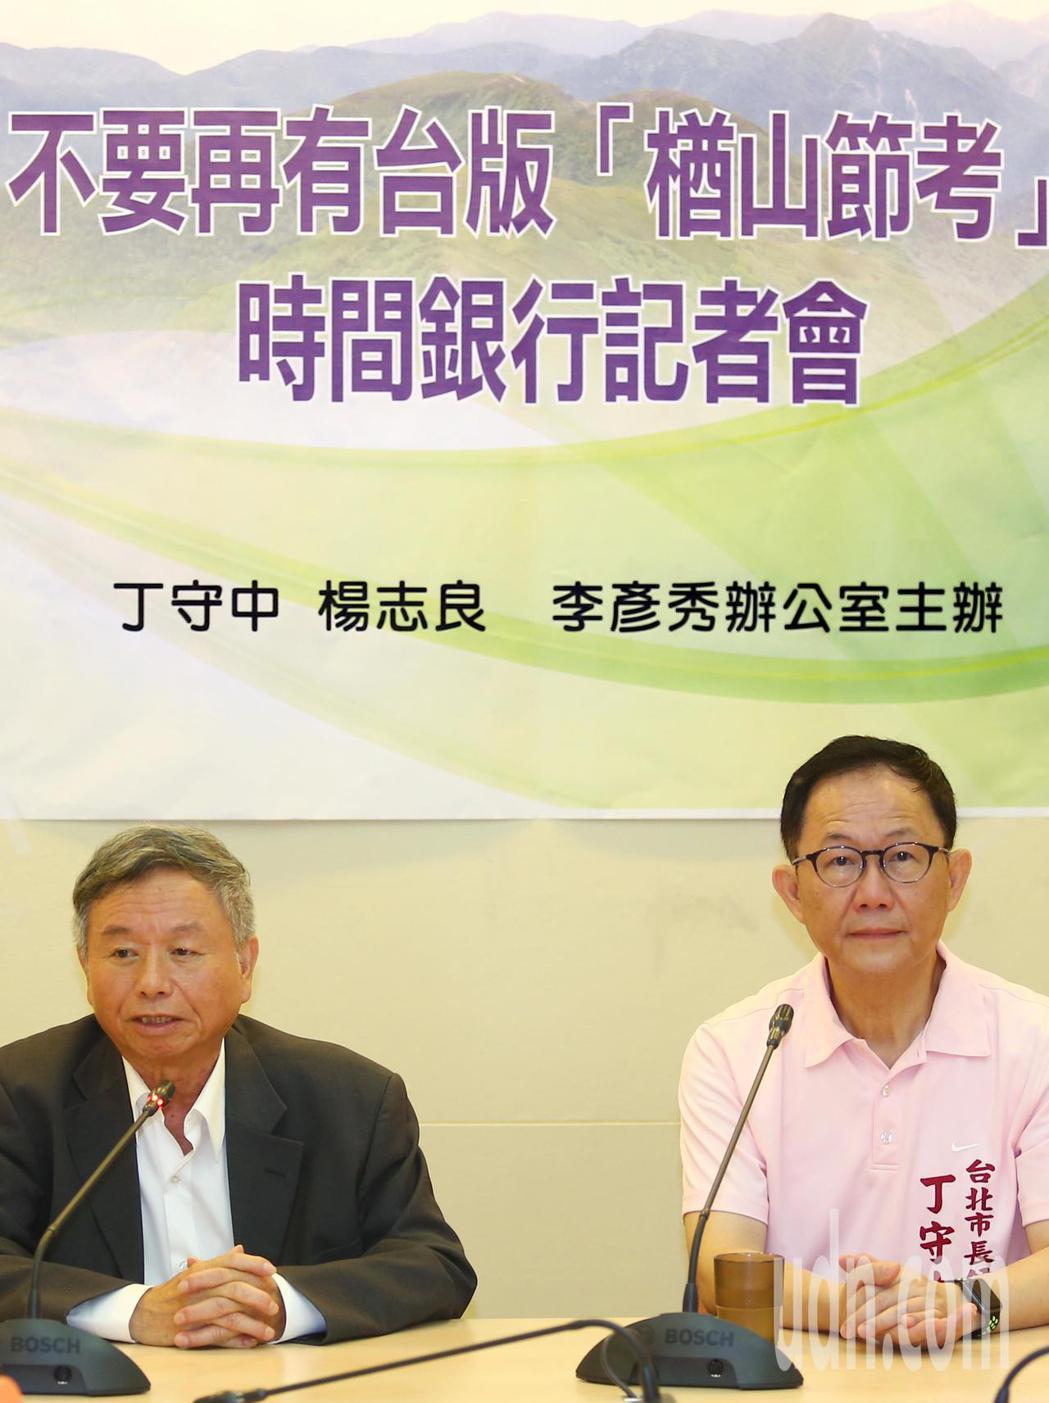 針對人口老化問題,國民黨台北市長參選人丁守中(右)、前衛生署長楊志良(左)等,上...